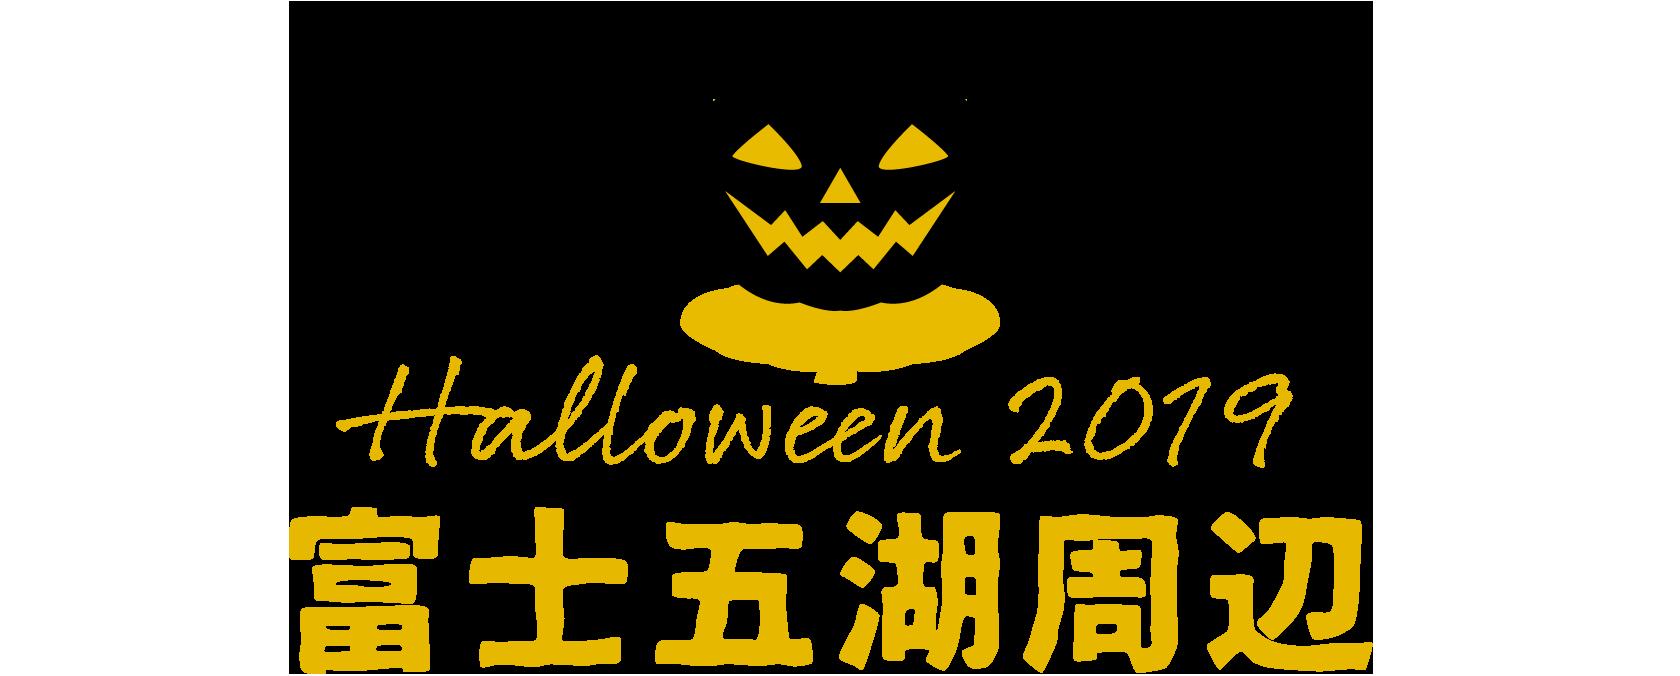 富士五湖周辺 Halloween 2019